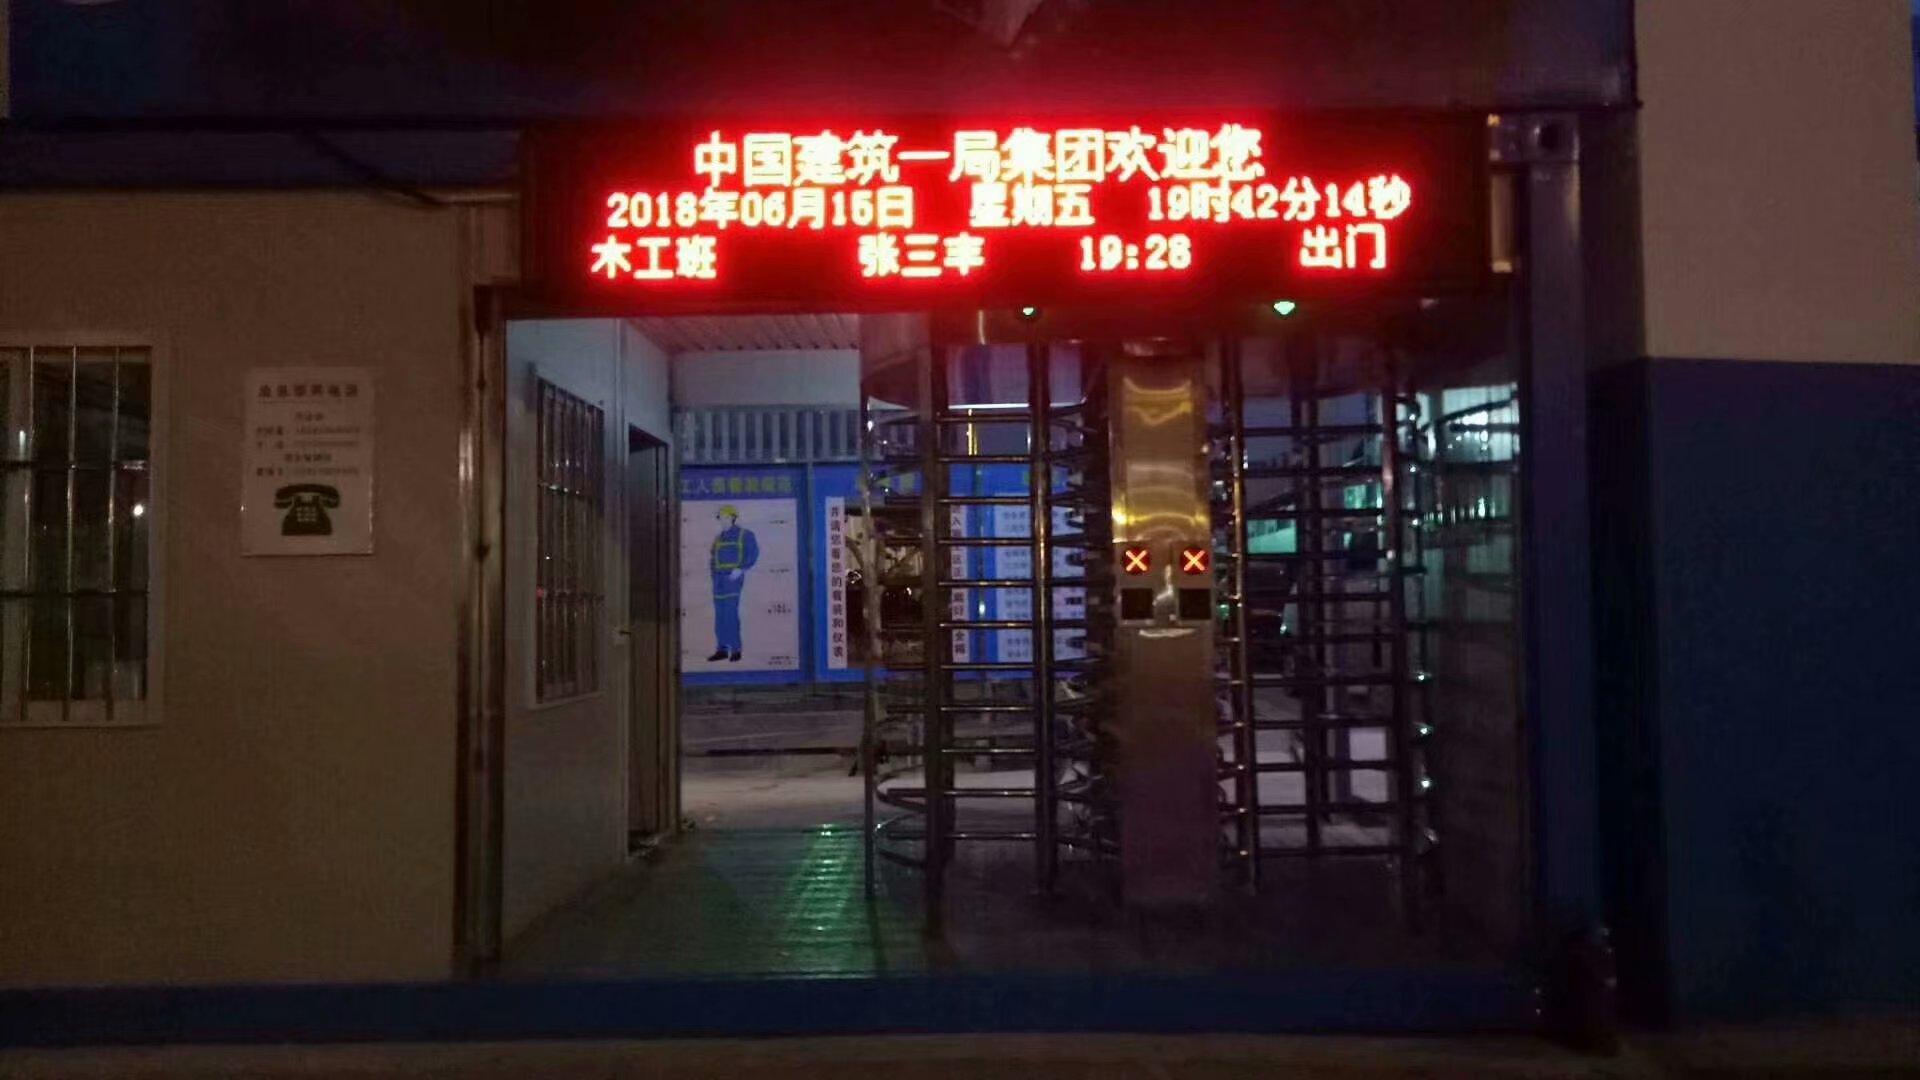 宜昌静电测试仪